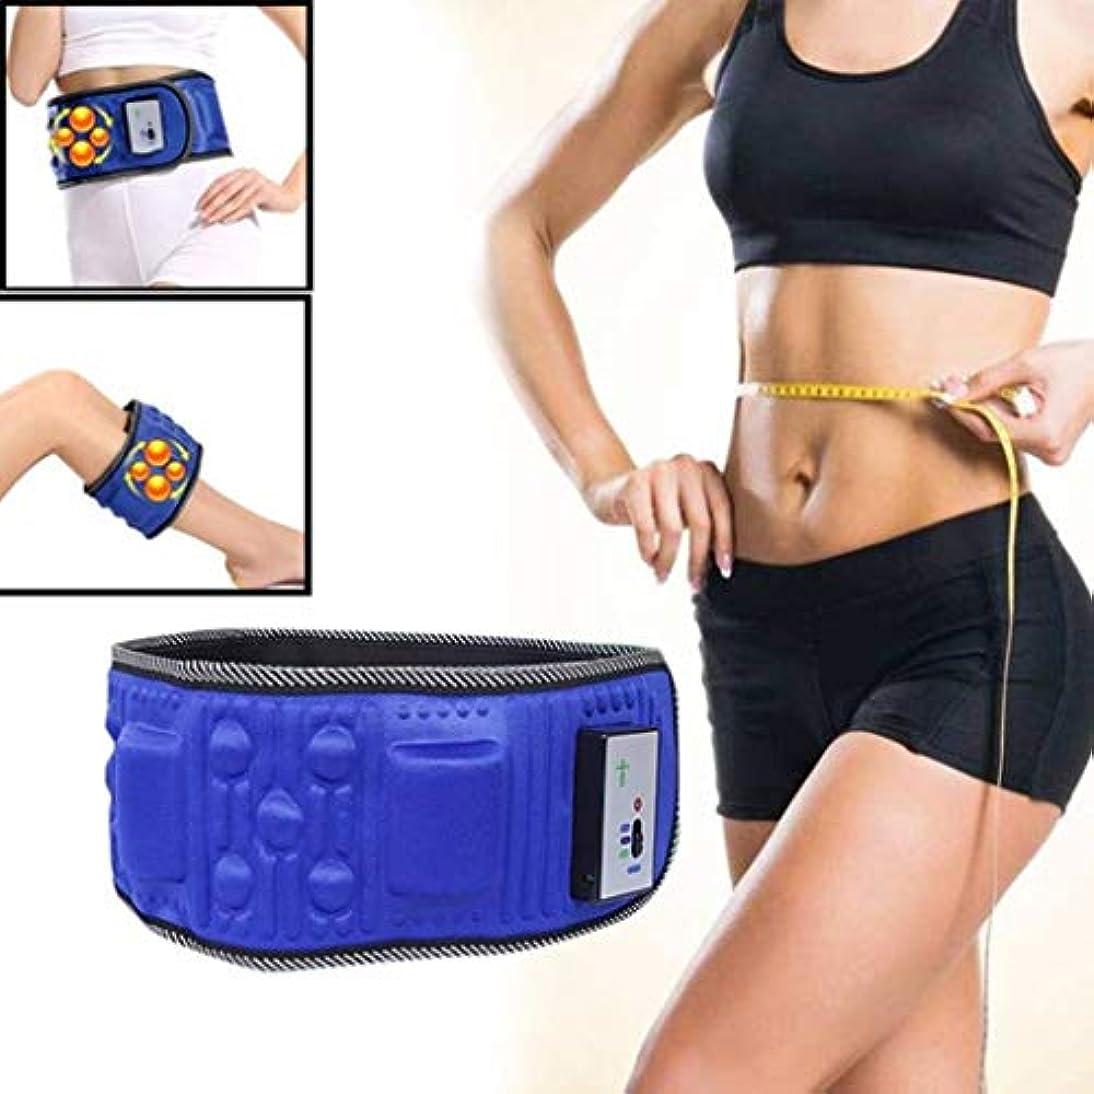 脈拍リンス付録腰マッサージャー、電動振動痩身ベルトマッサージャー、痩身ベルト振動脂肪燃焼痩身ベルト、ウエストトレーナー